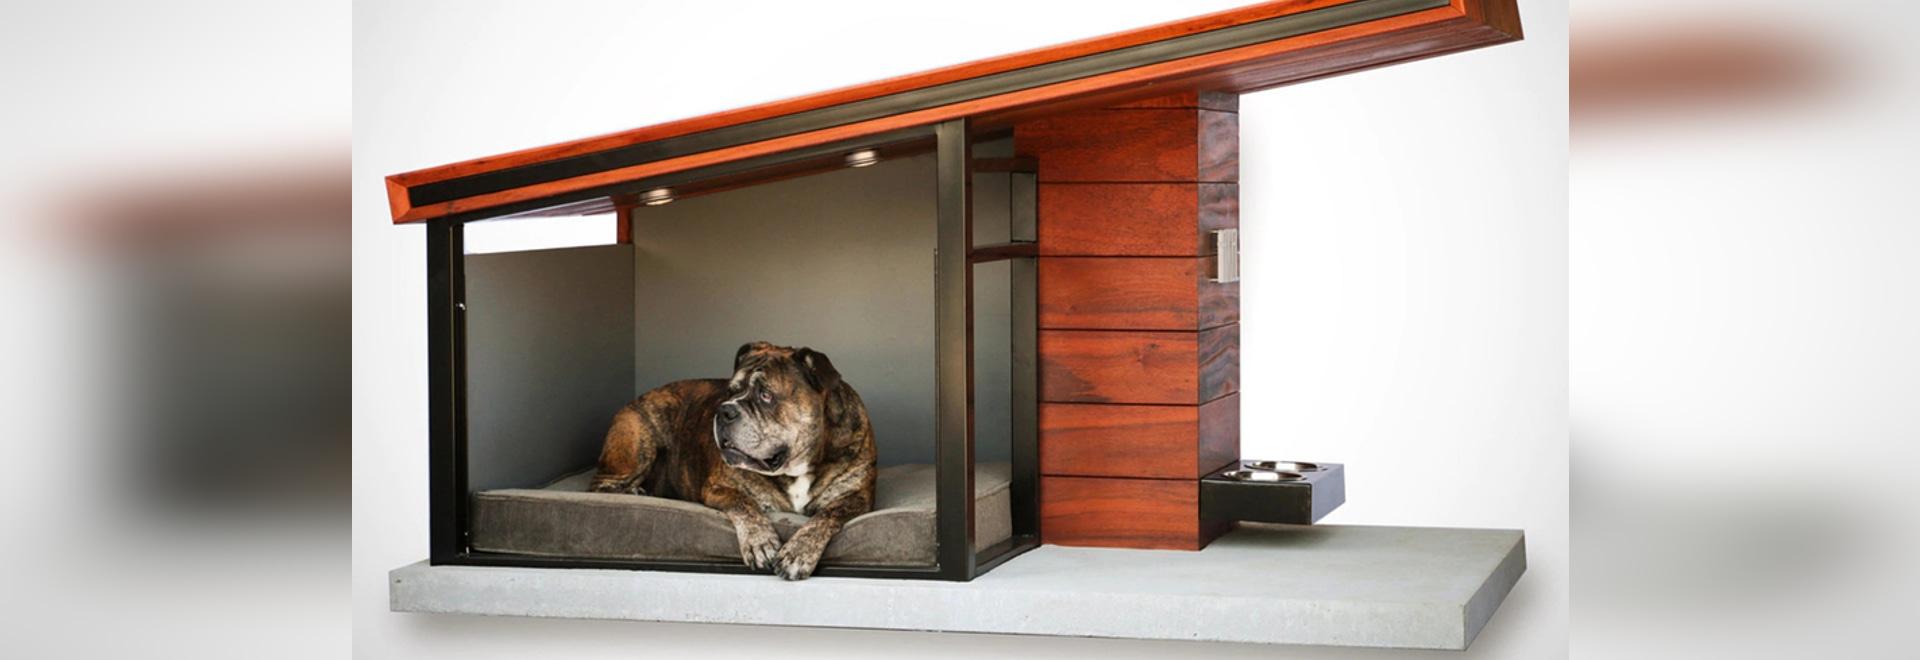 Rah Design verwöhnt Ihren Hund mit MDK9 Hundehaus